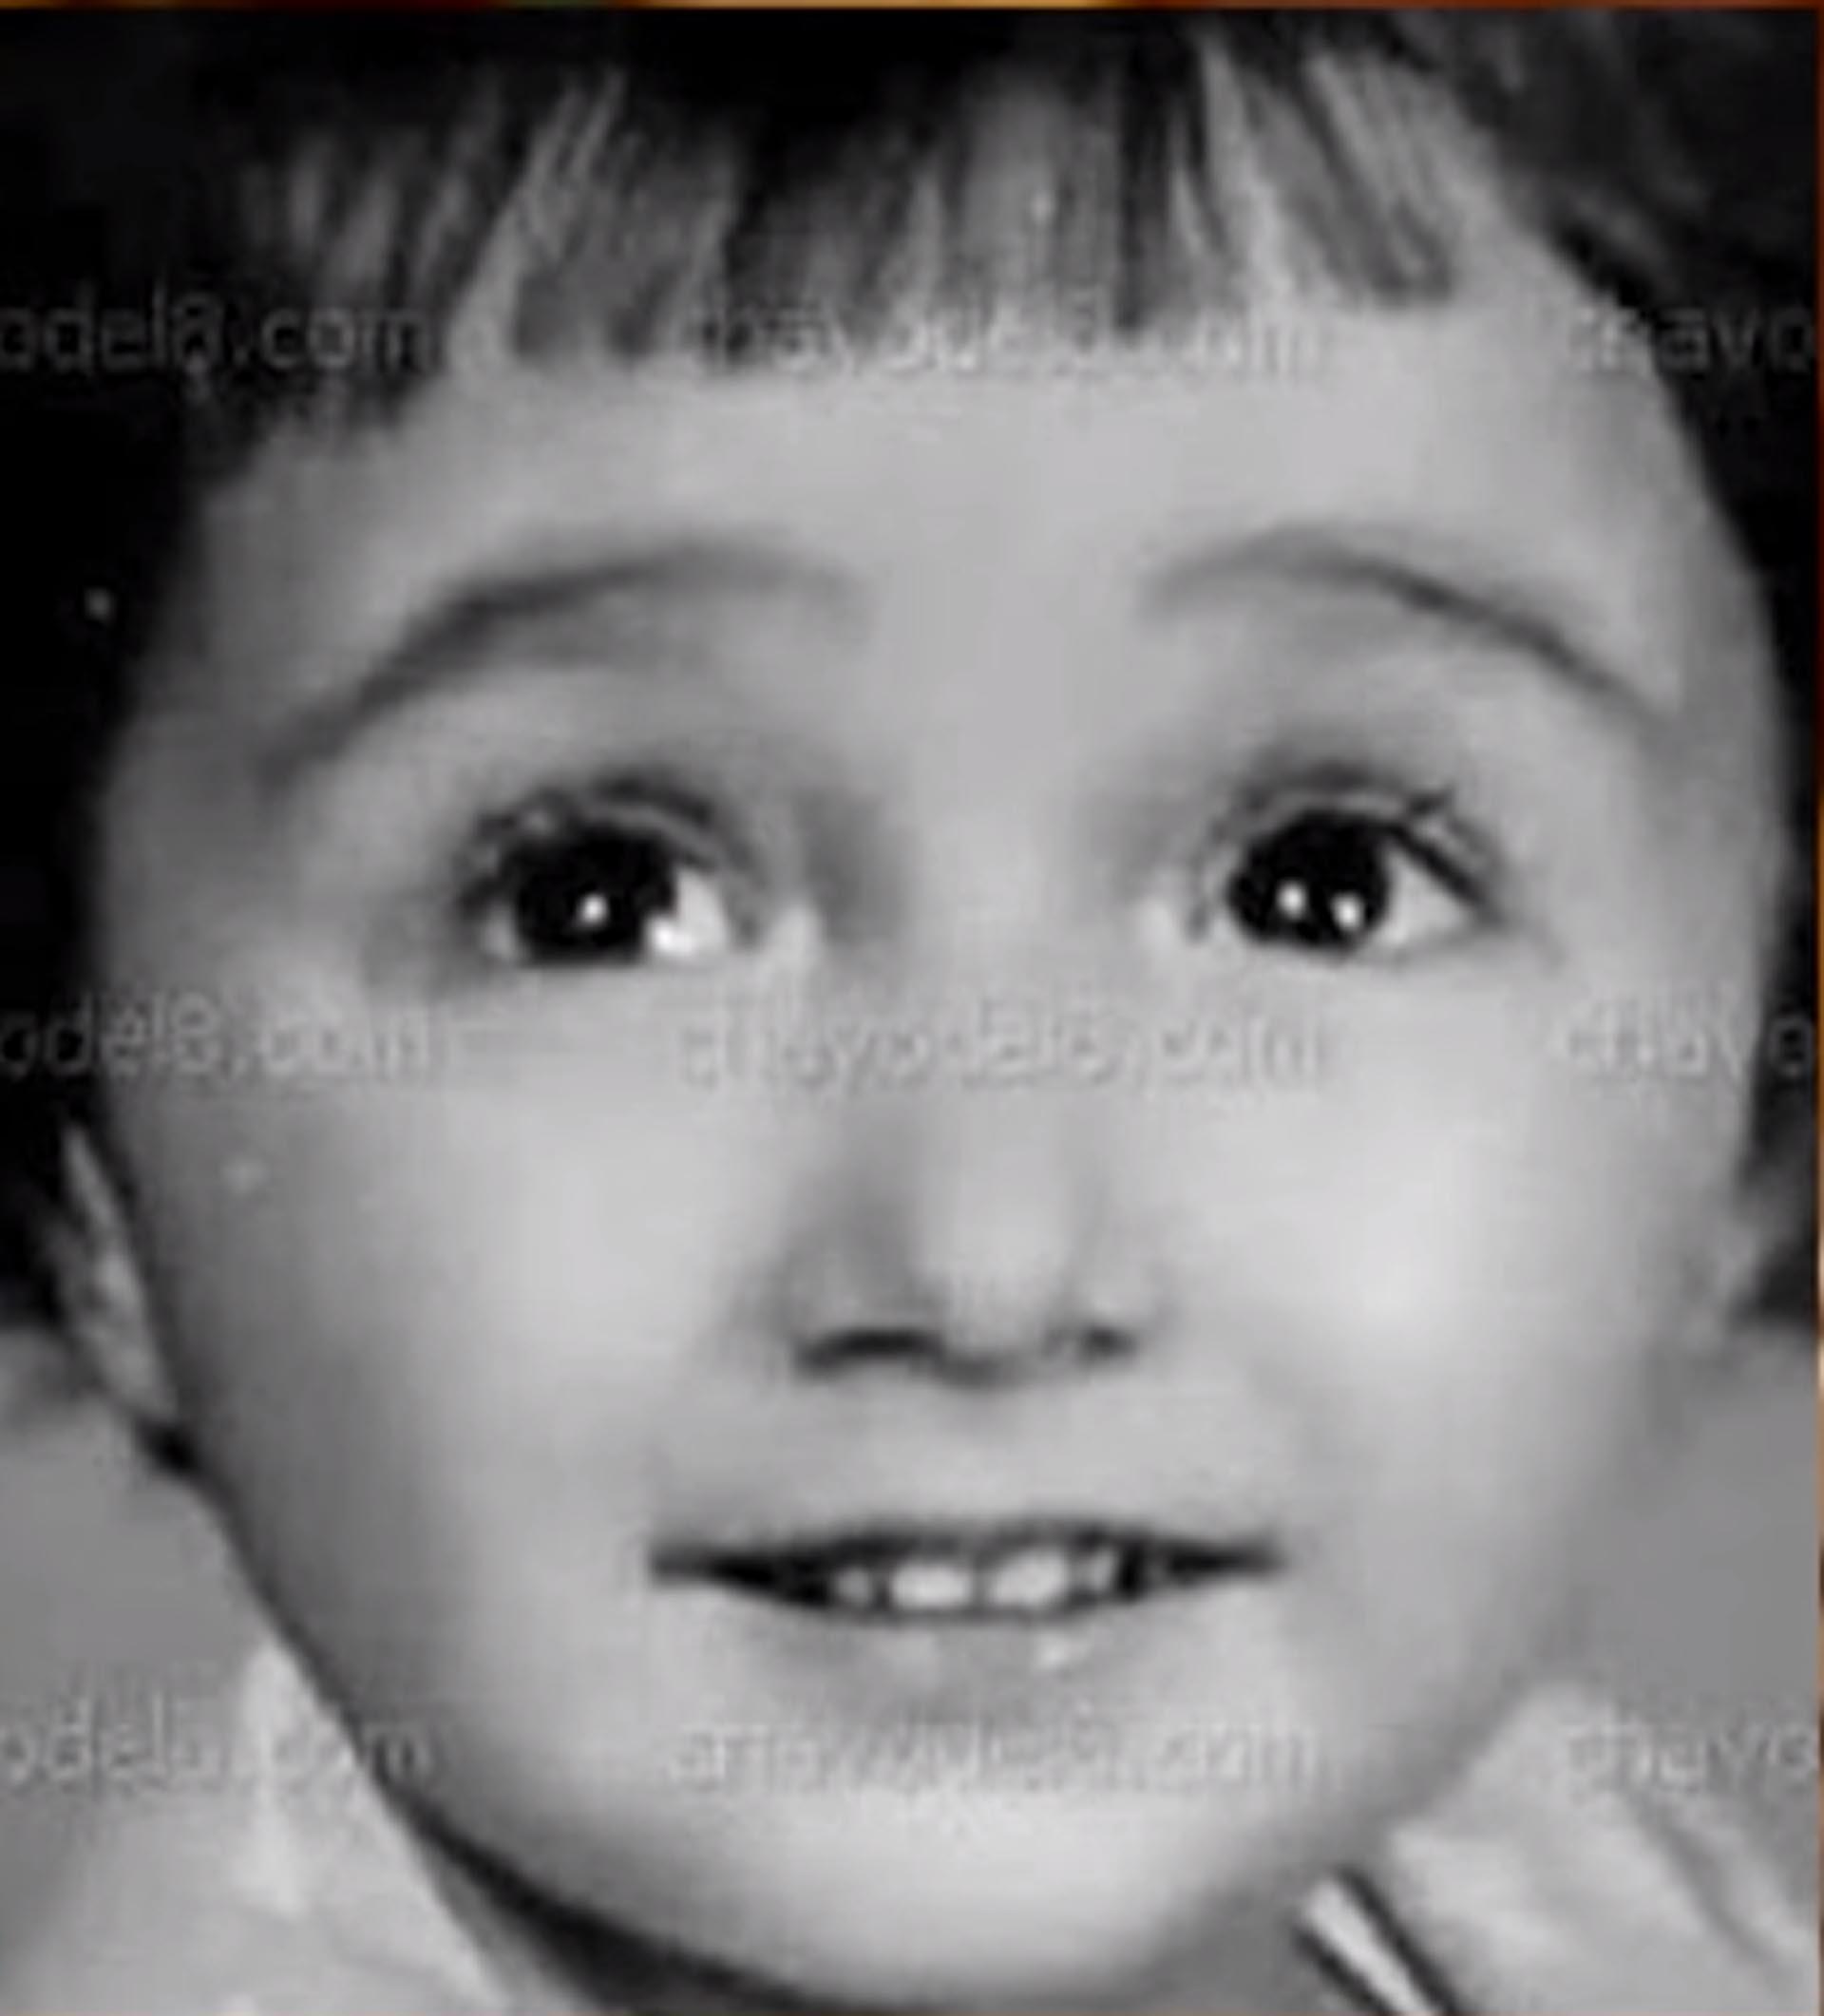 María Antonieta, con la misma inocencia en sus ojos que La Chilindrina